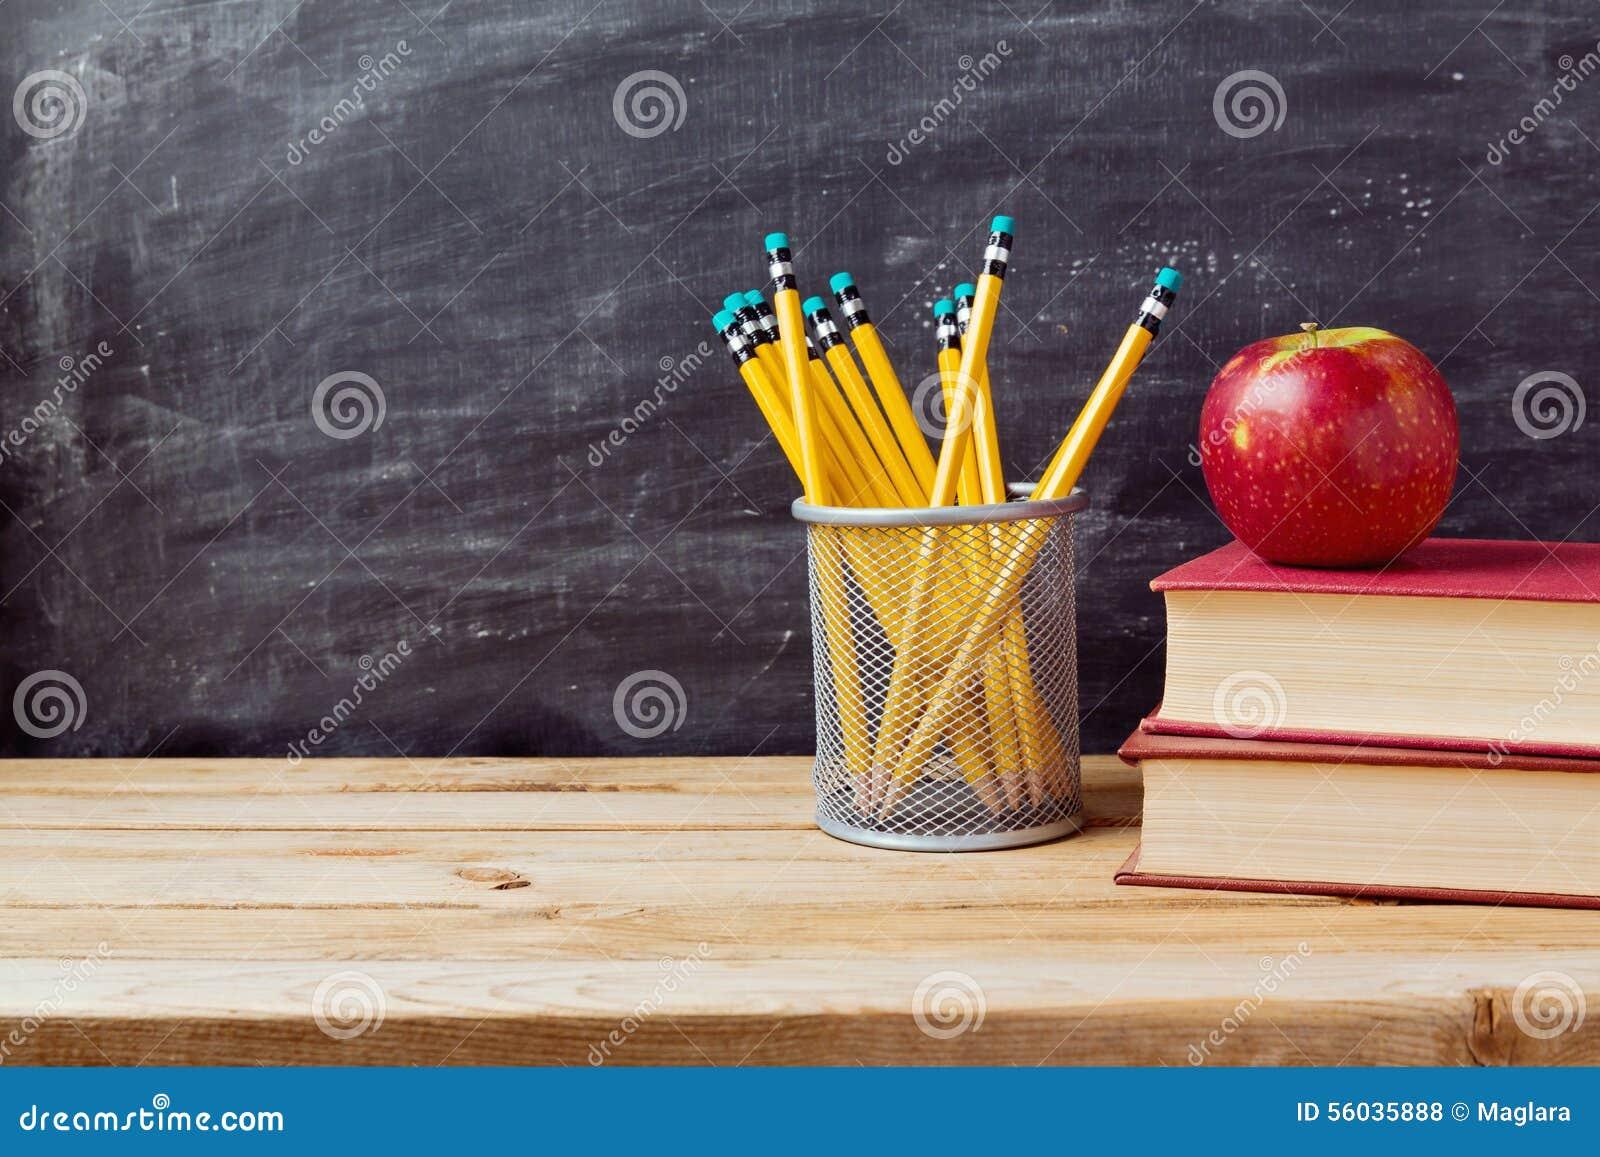 Zurück zu Schulhintergrund mit Büchern, Bleistiften und Apfel über Tafel